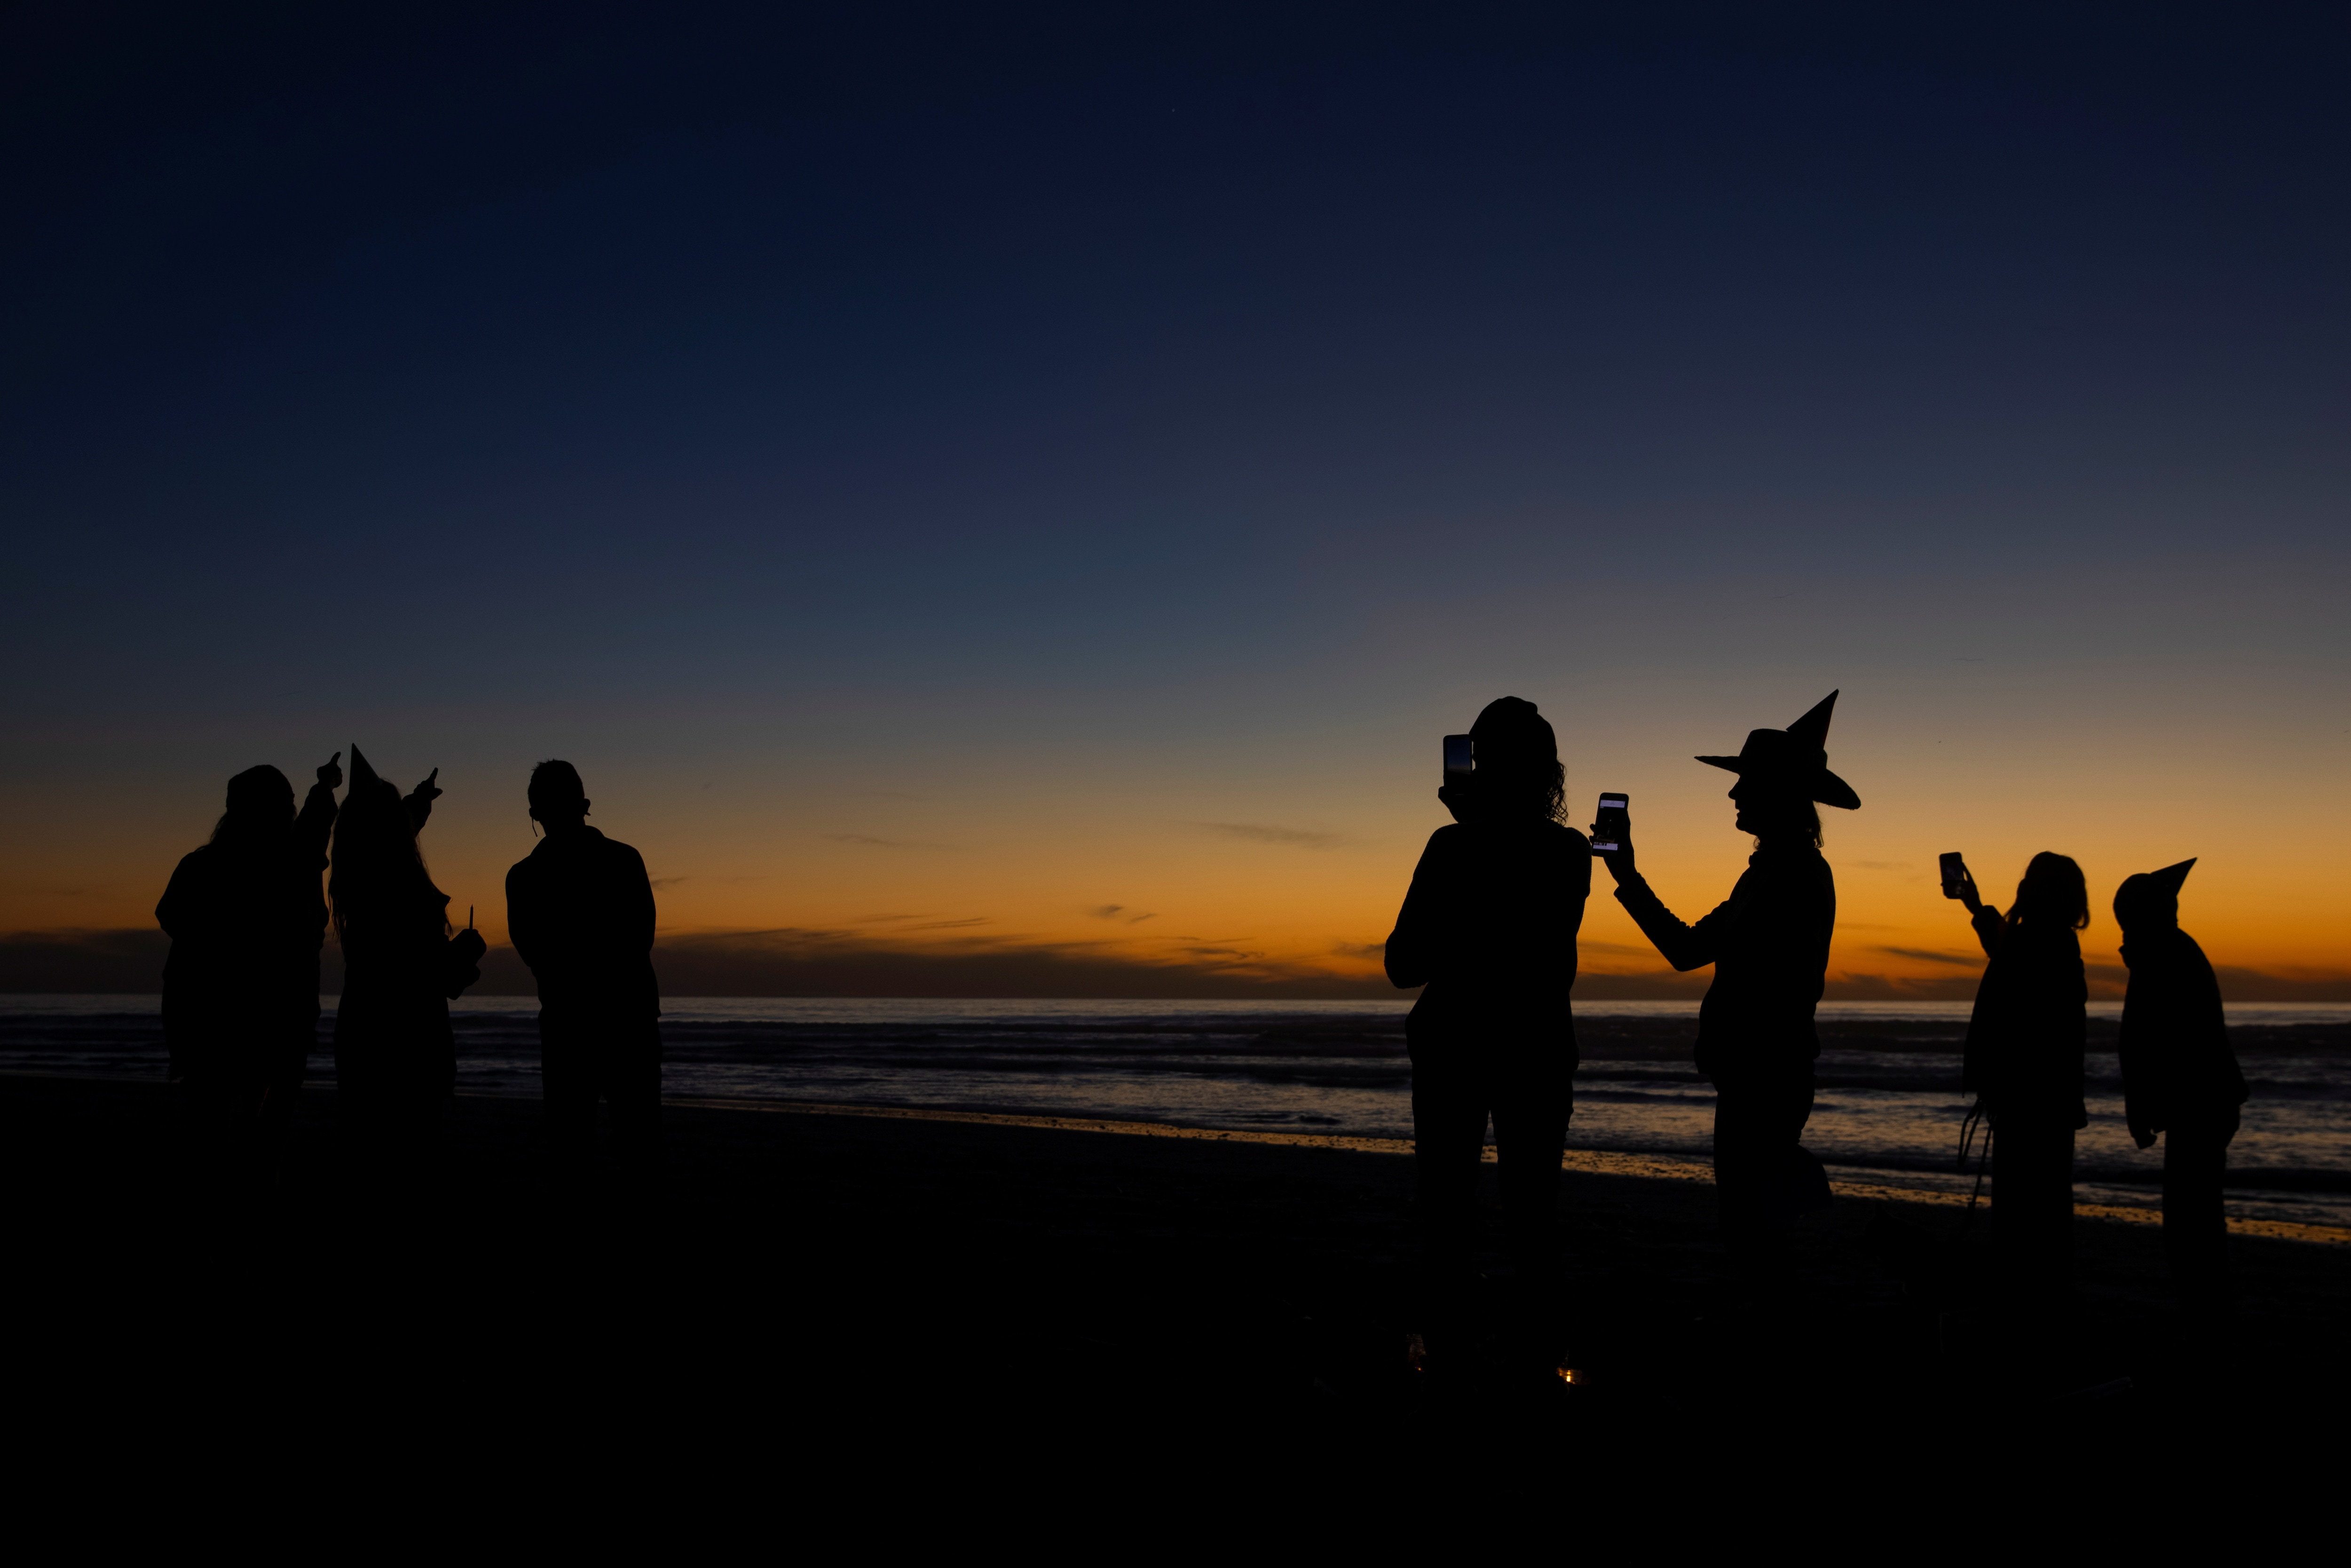 ক্যালিফোর্নিয়া বিচের ছবি (REUTERS)